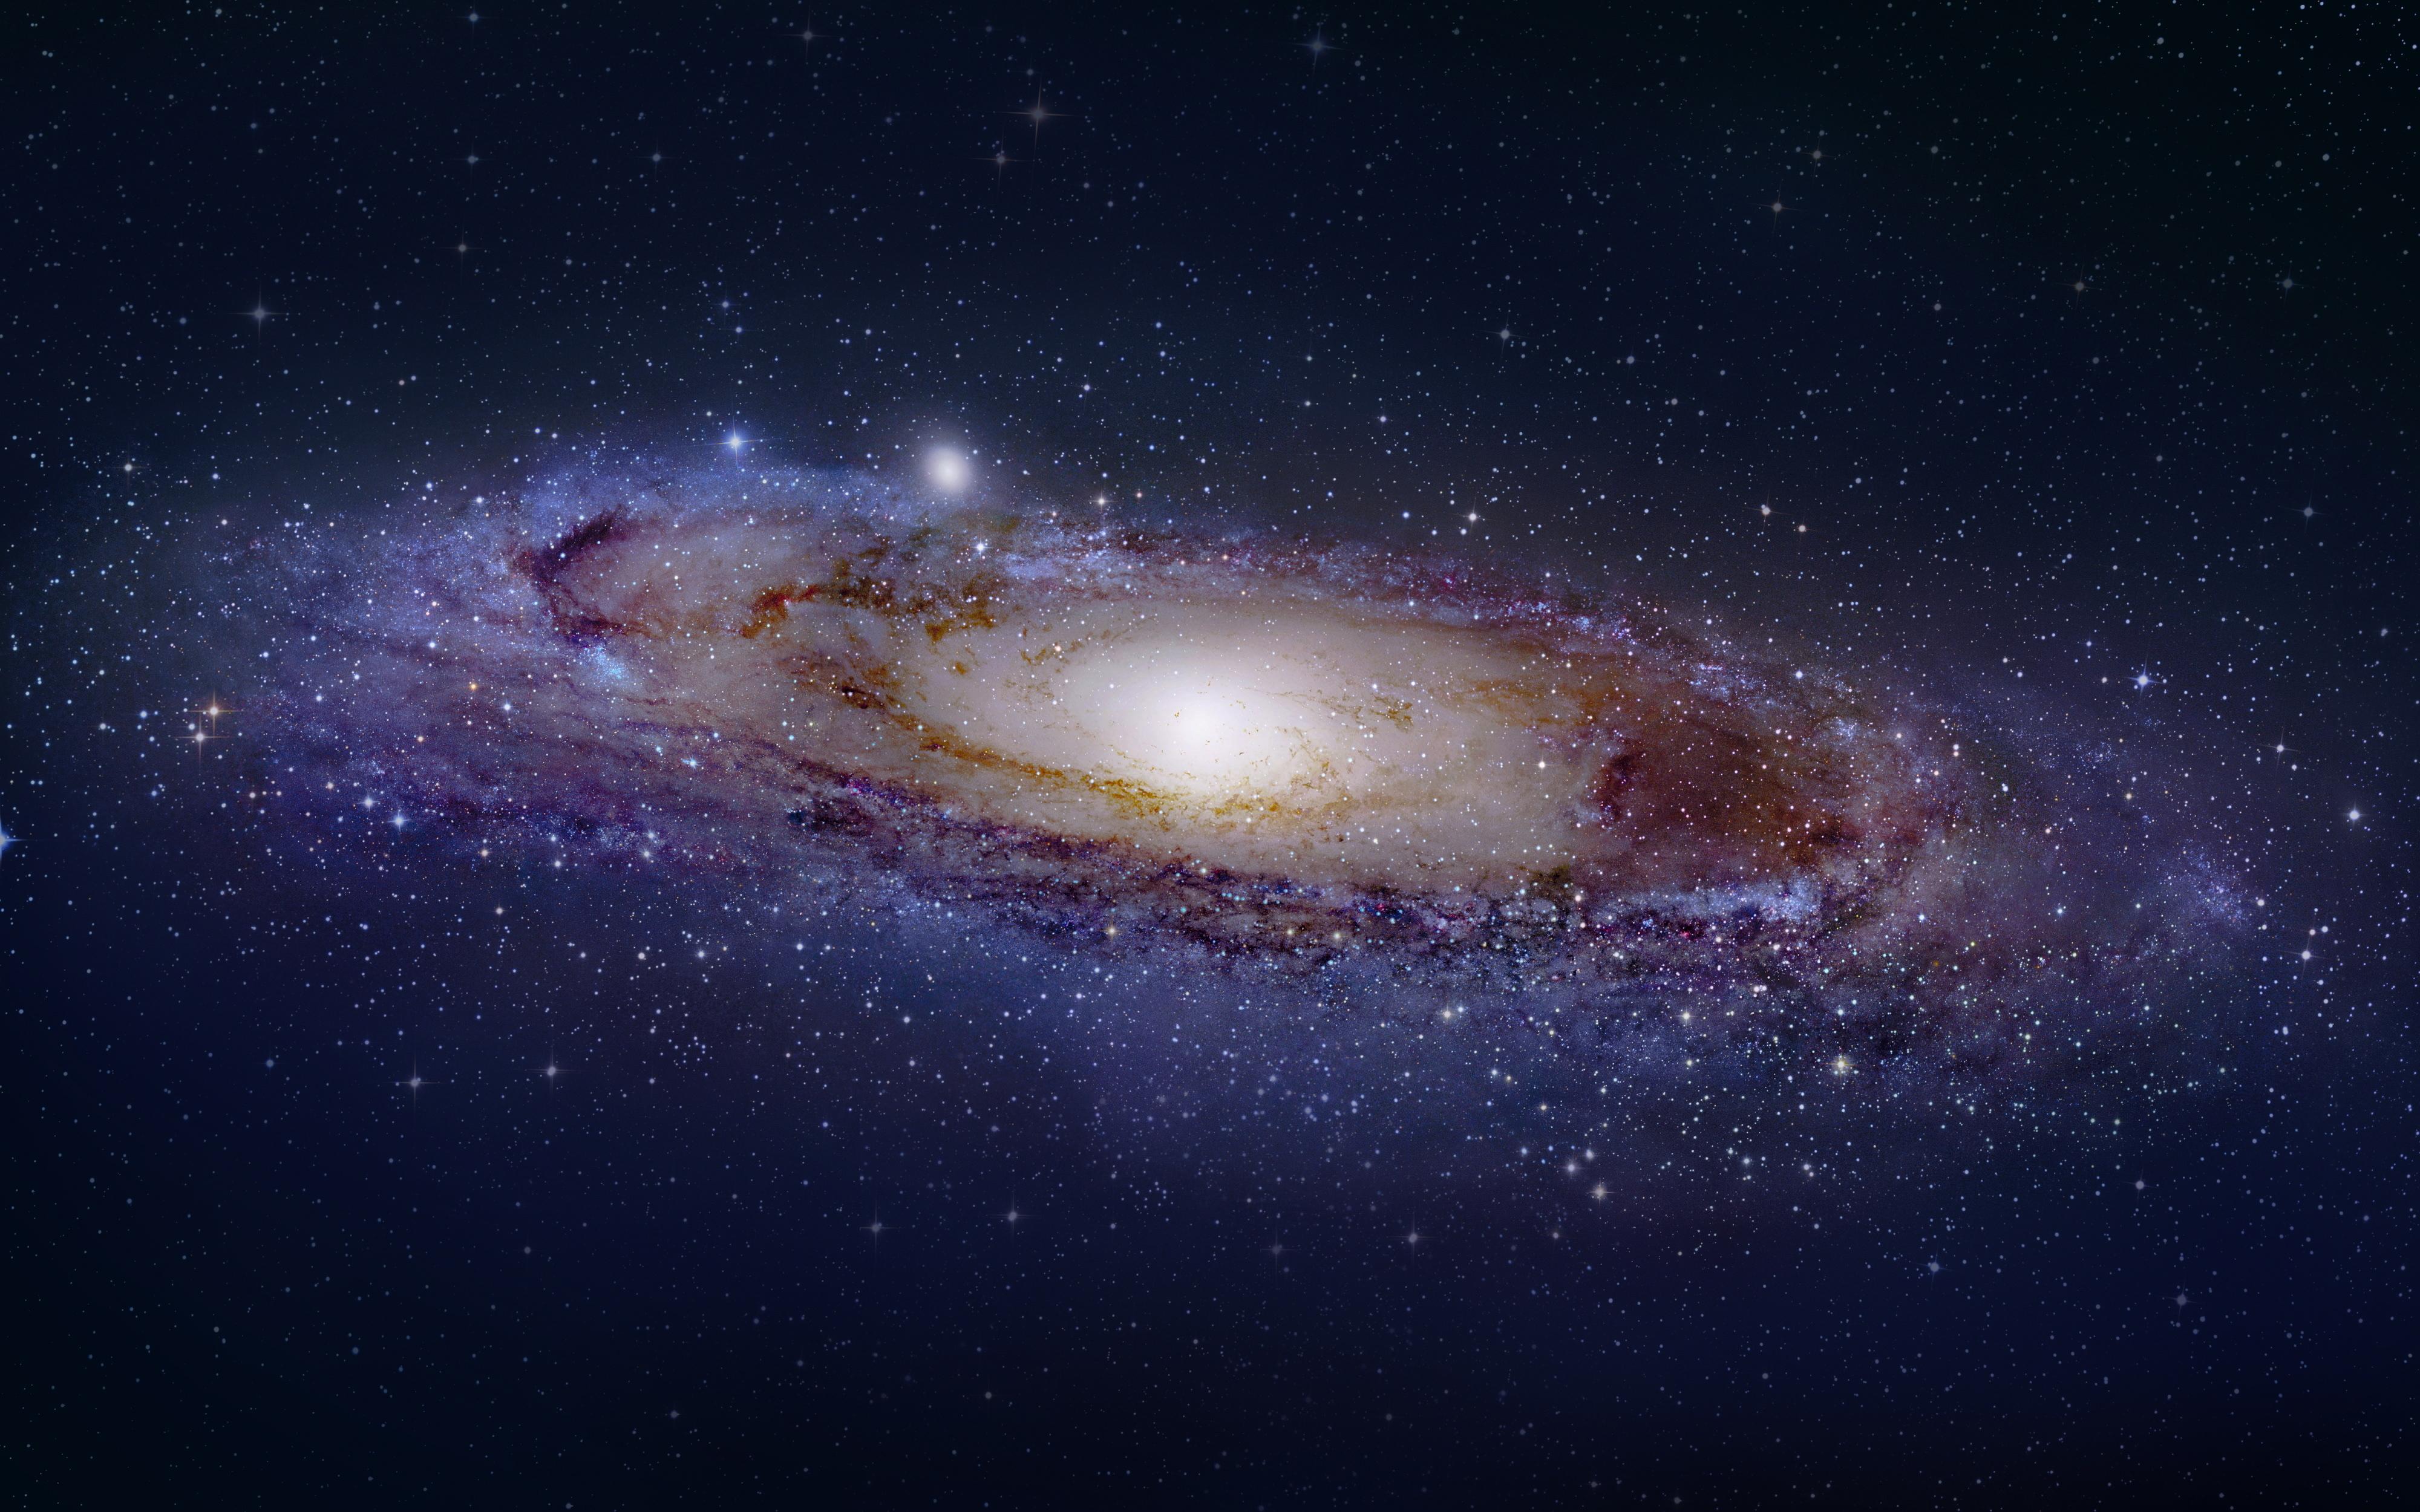 Hd wallpaper galaxy - Hd Wallpaper Background Id 169667